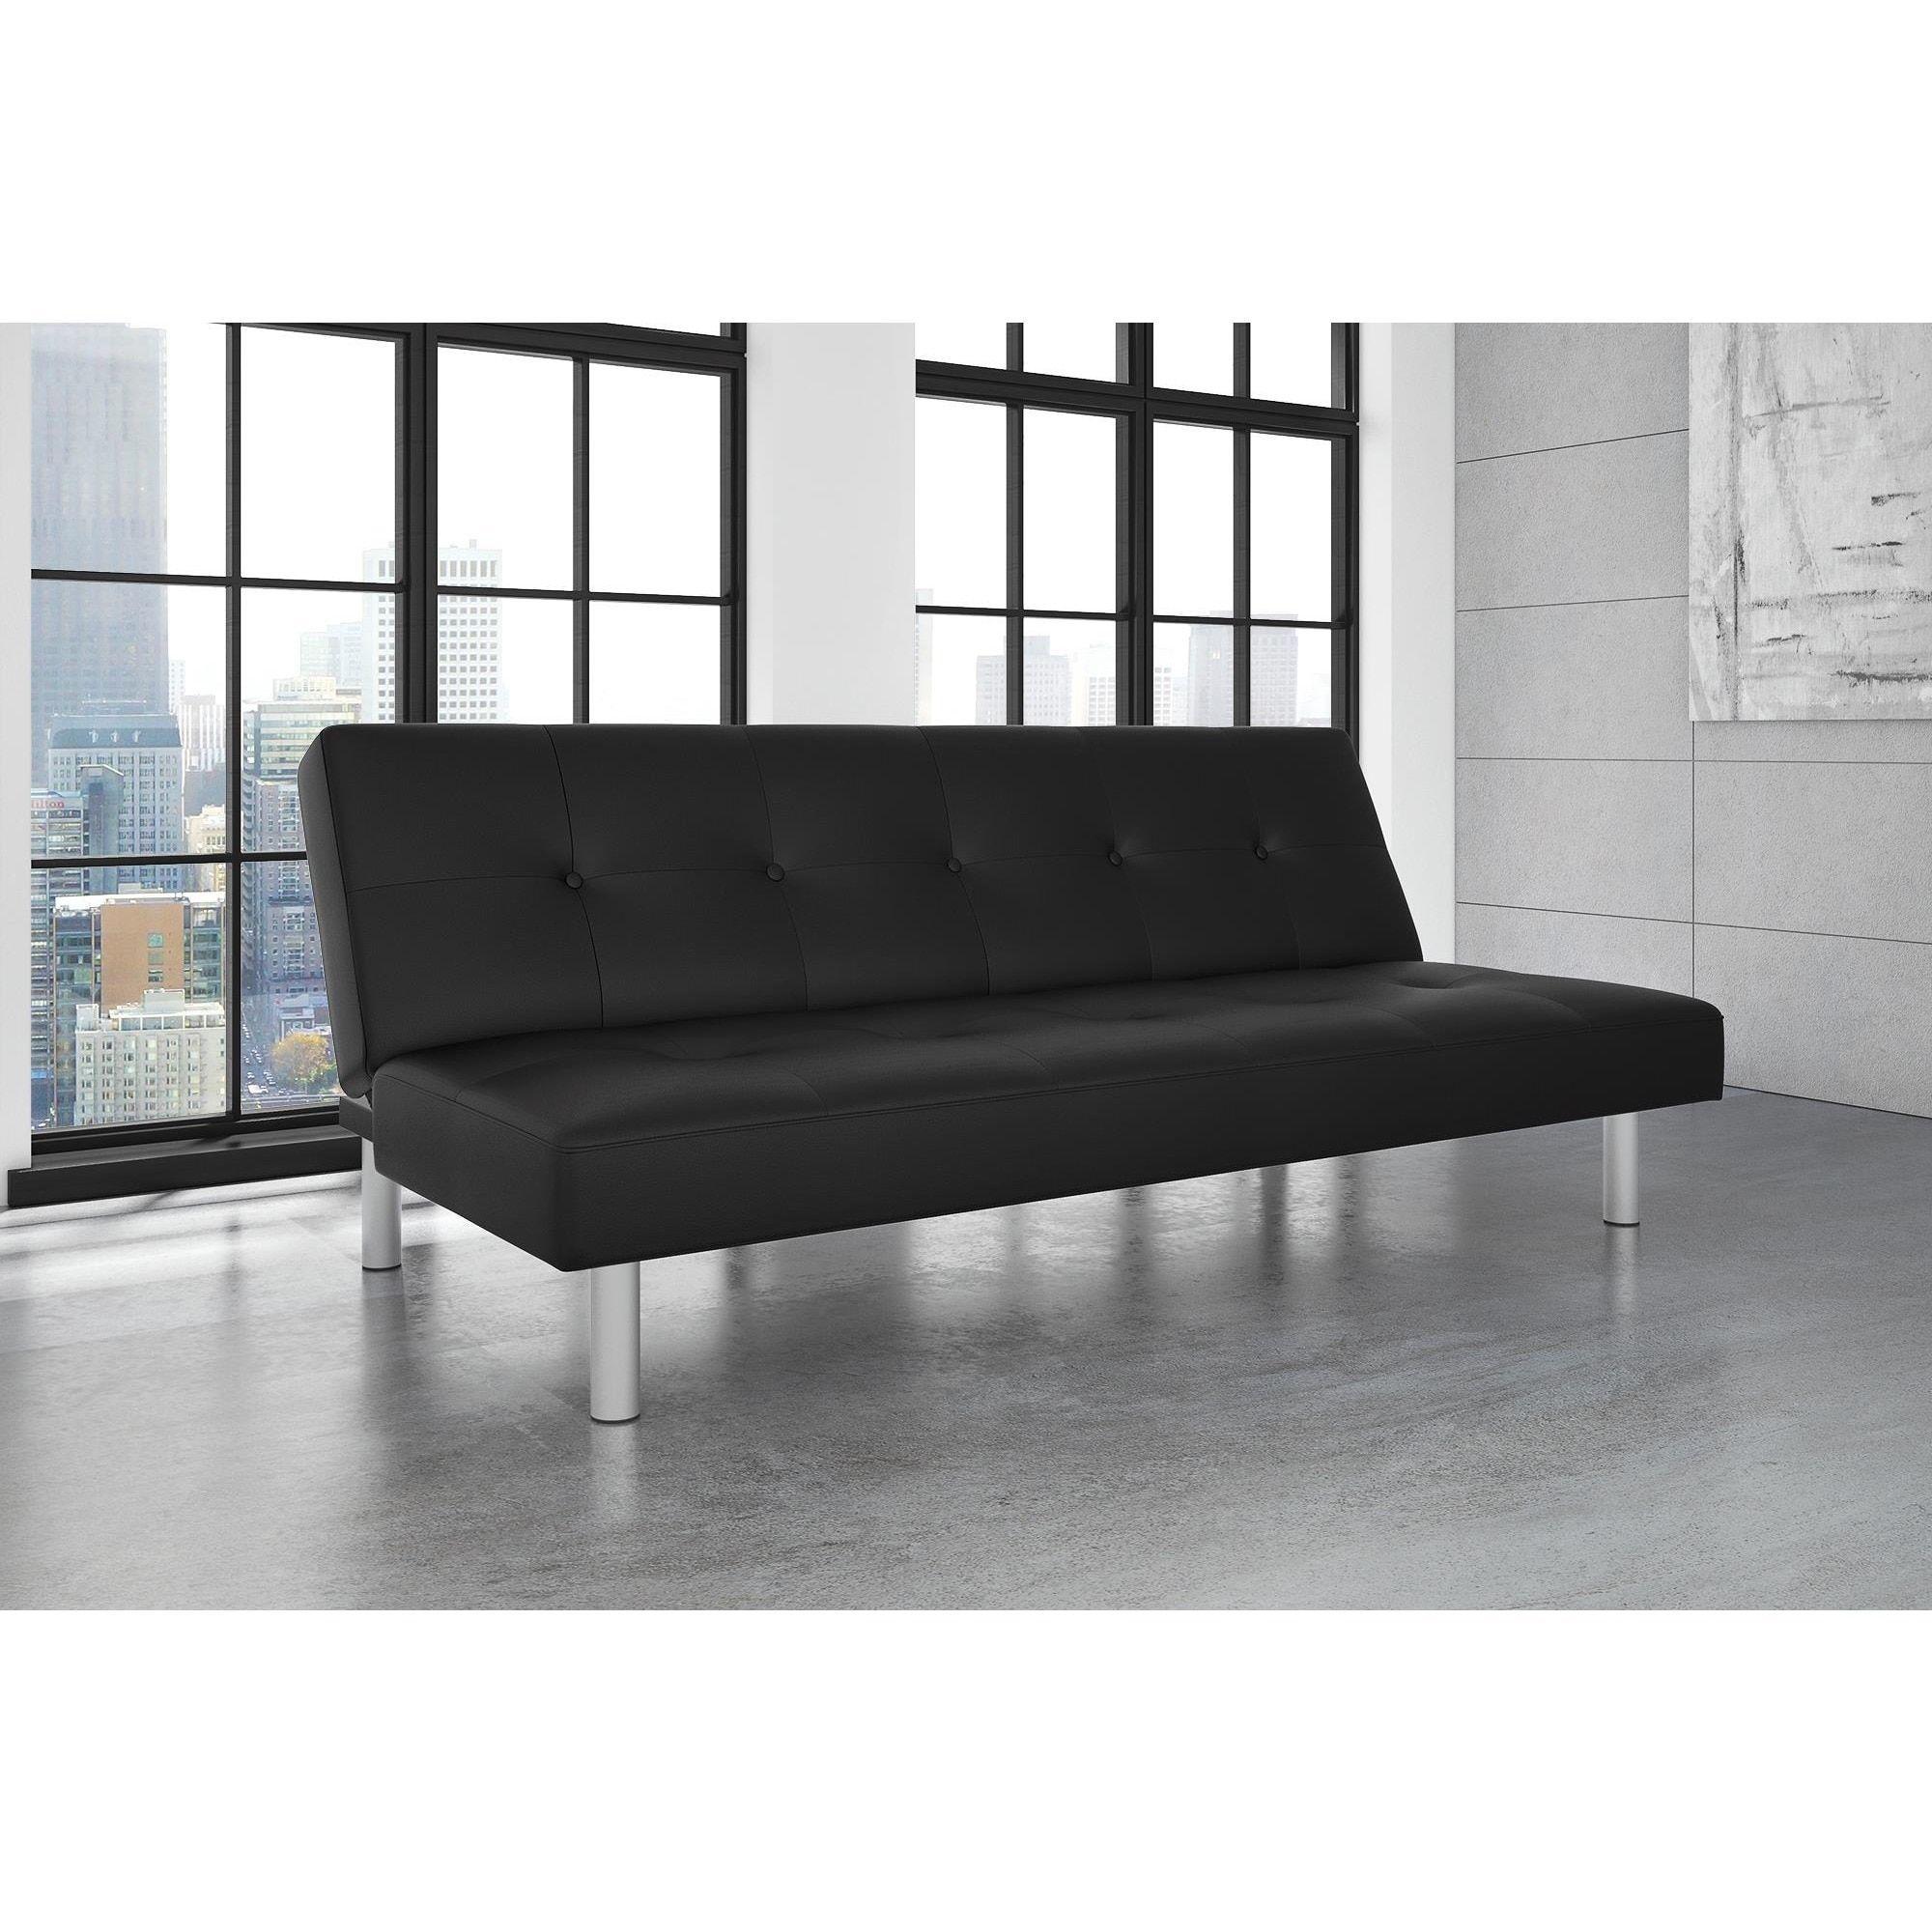 Avenue Greene Noah Faux Leather Futon Sofa Bed Dhp Black Size